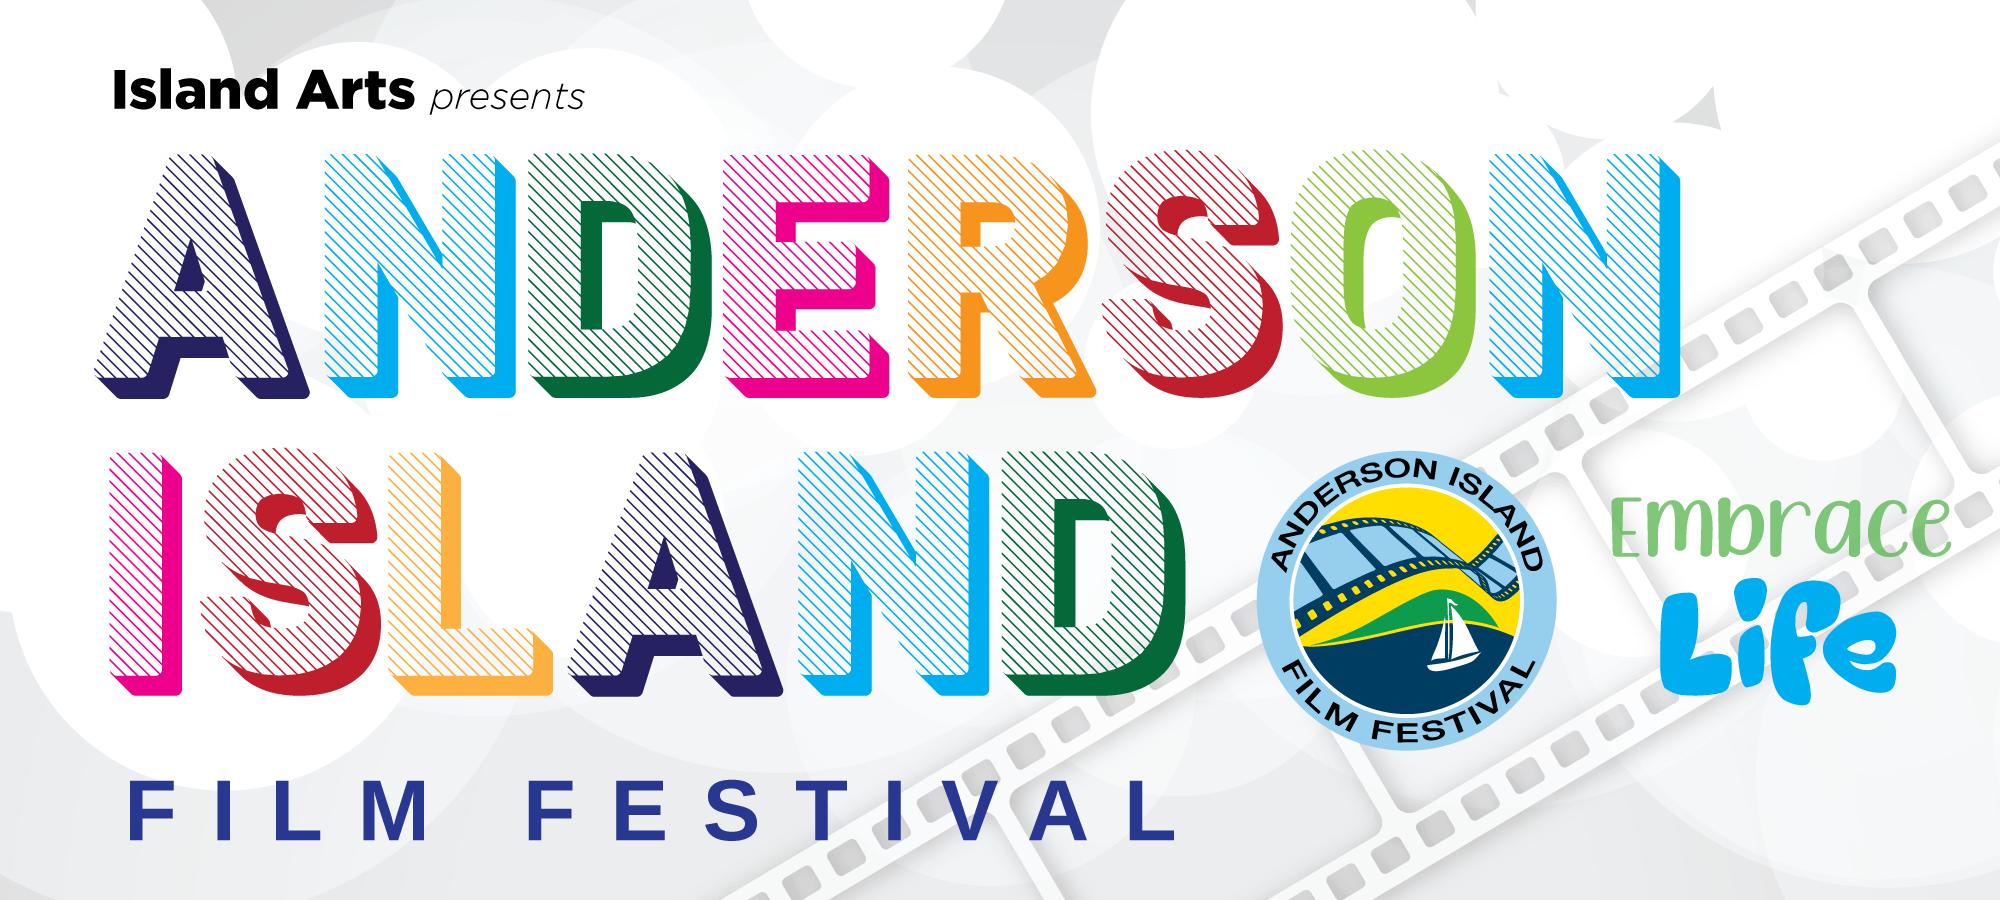 Anderson Island Film Festival